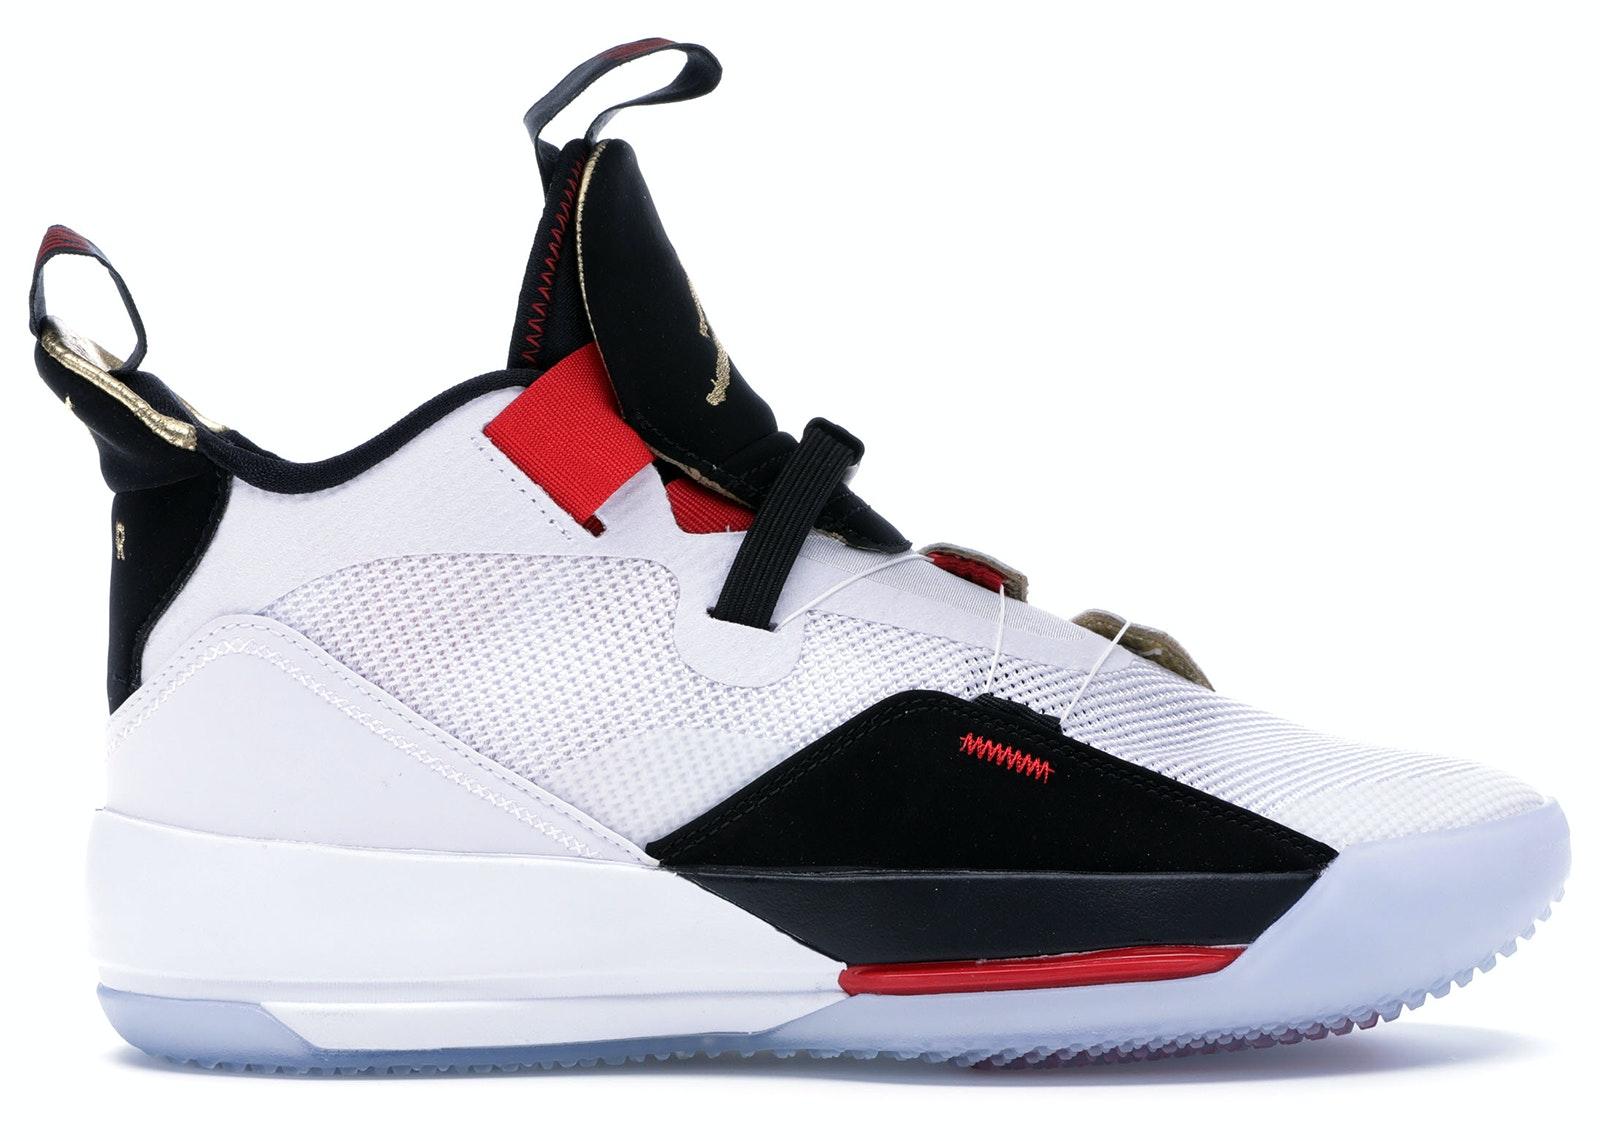 Jordan XXXIII Future of Flight